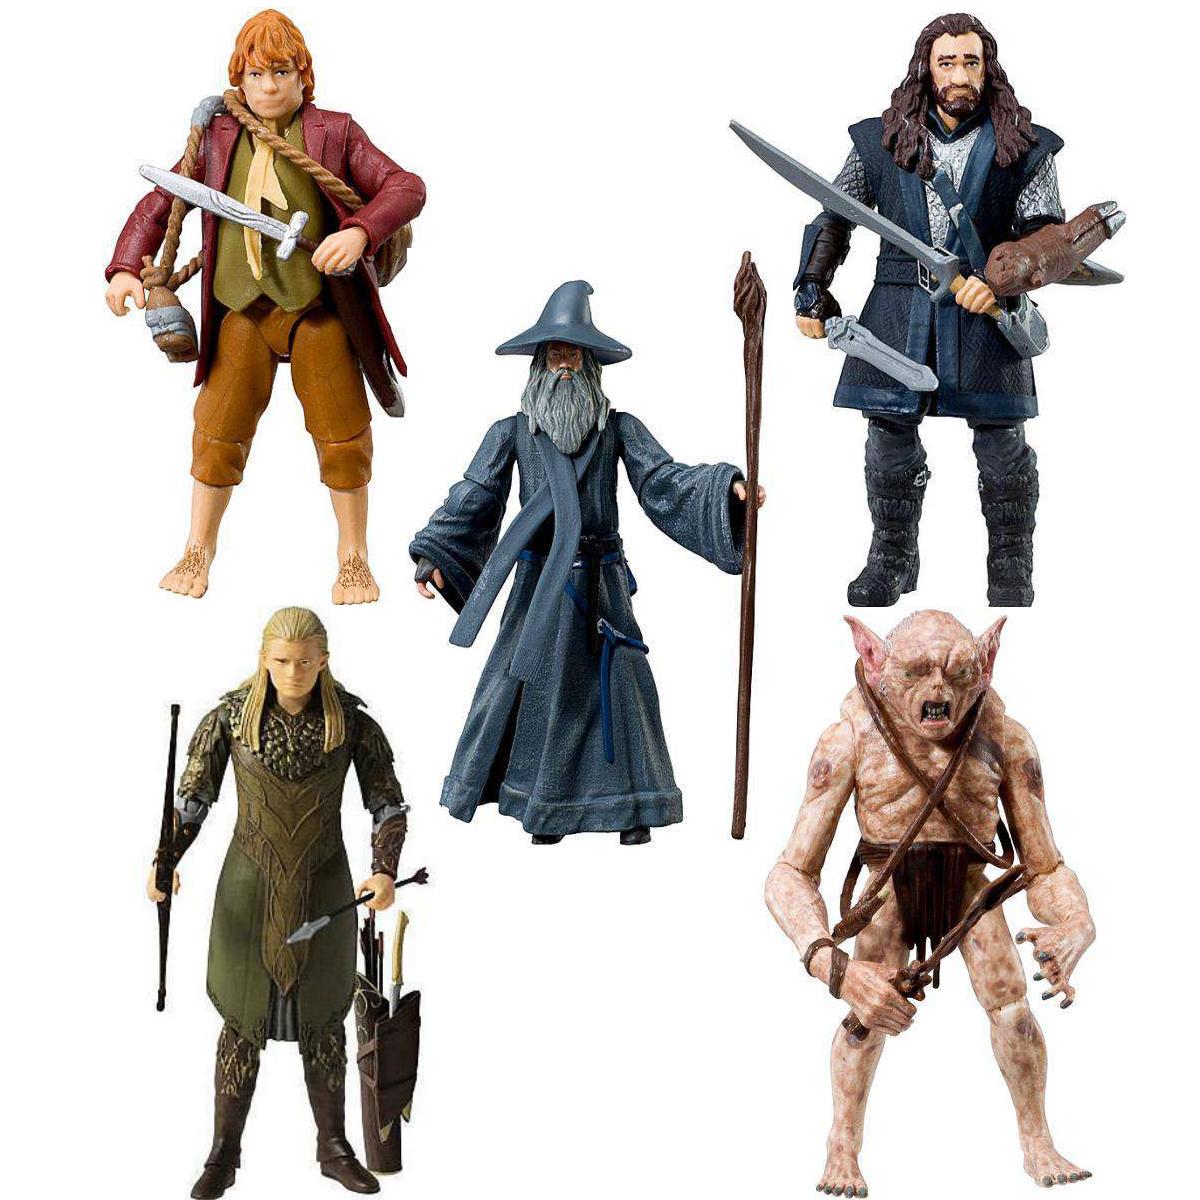 Der hobbit - eine unerwartete reise 9.5cm aktion figuren zur wahl aus 5 neuwertig